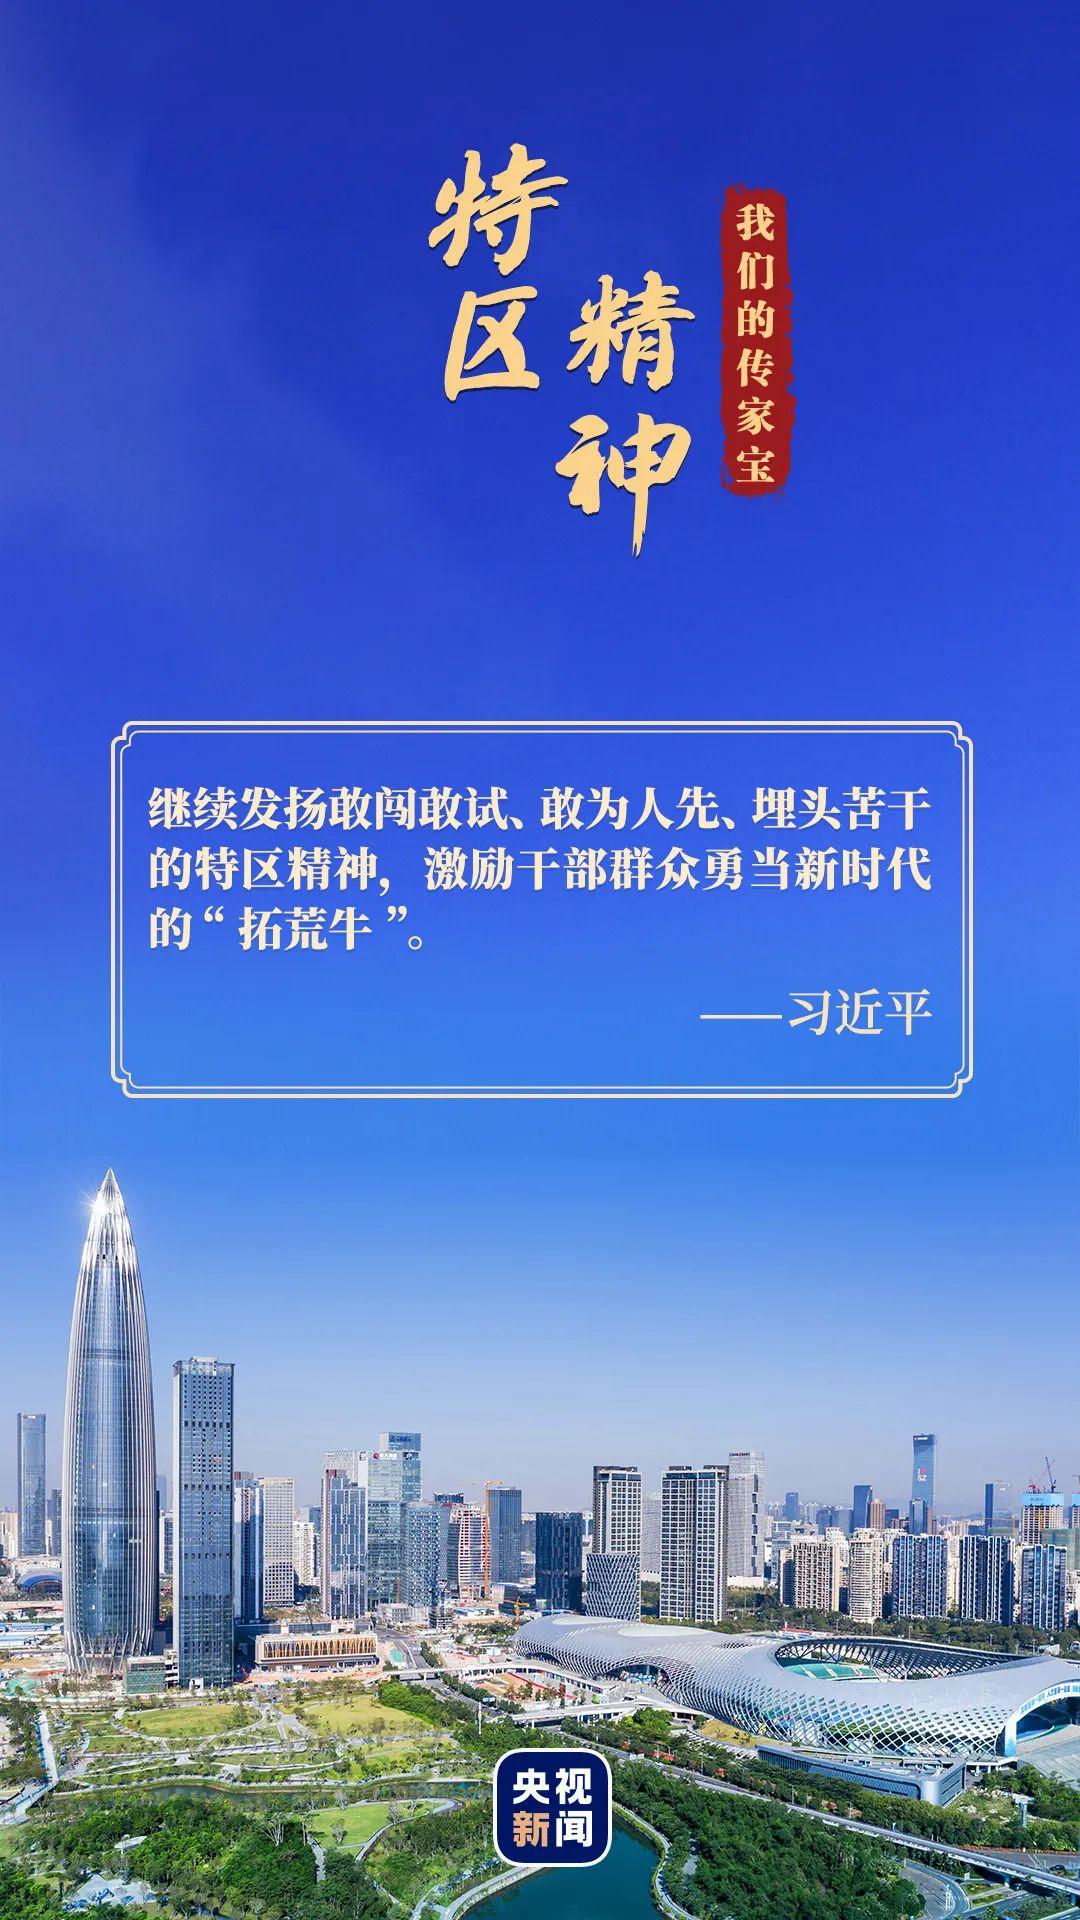 广州冼村杀人案现场_追忆之风魔化_襄樊炮兵社区app